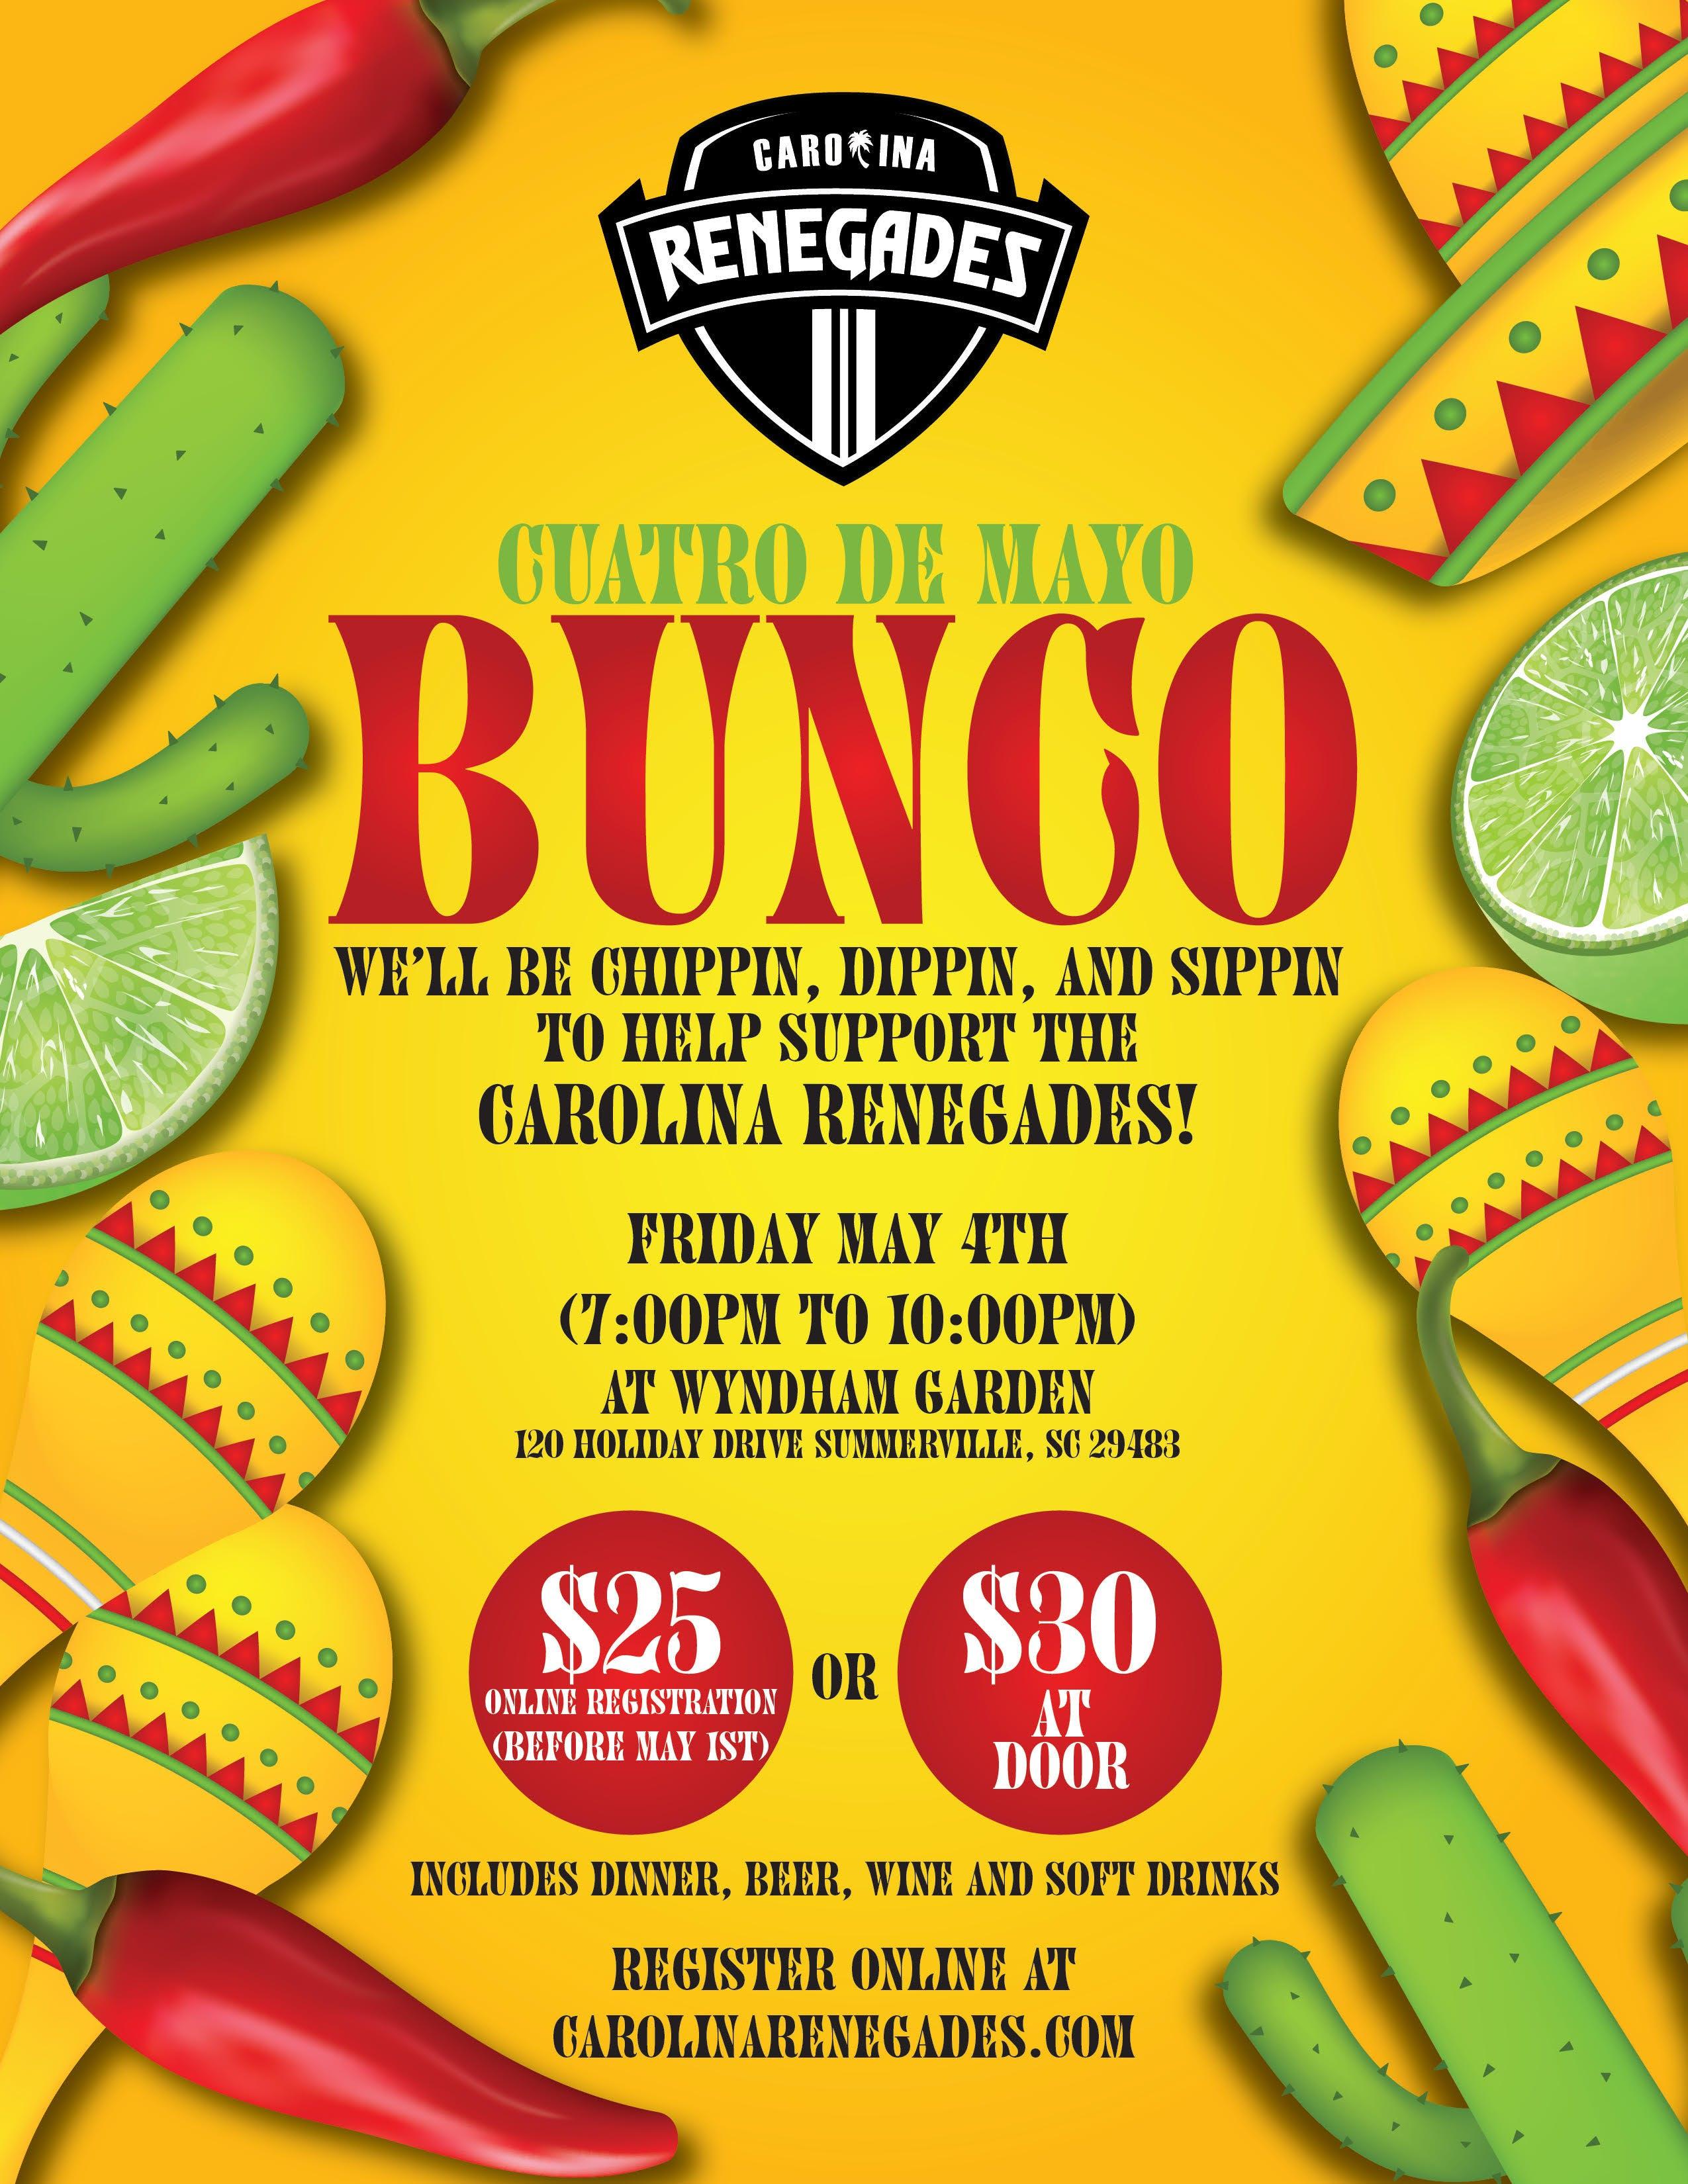 Cuarto De Mayo BUNCO Fundraiser - 4 MAY 2018